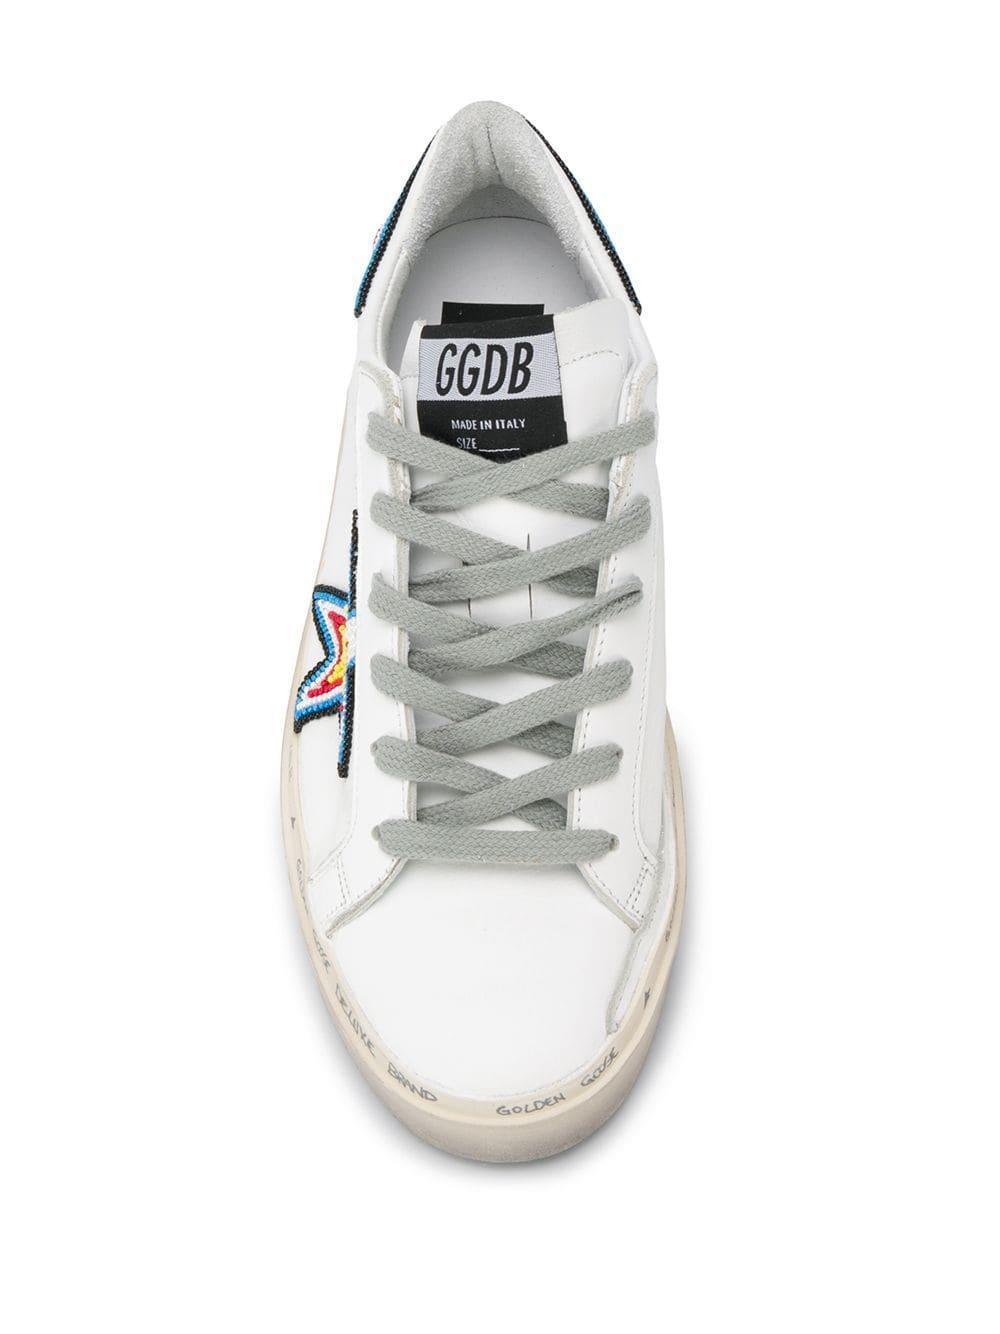 Zapatillas Hi Star Golden Goose Deluxe Brand de Pluma de oca de color Blanco